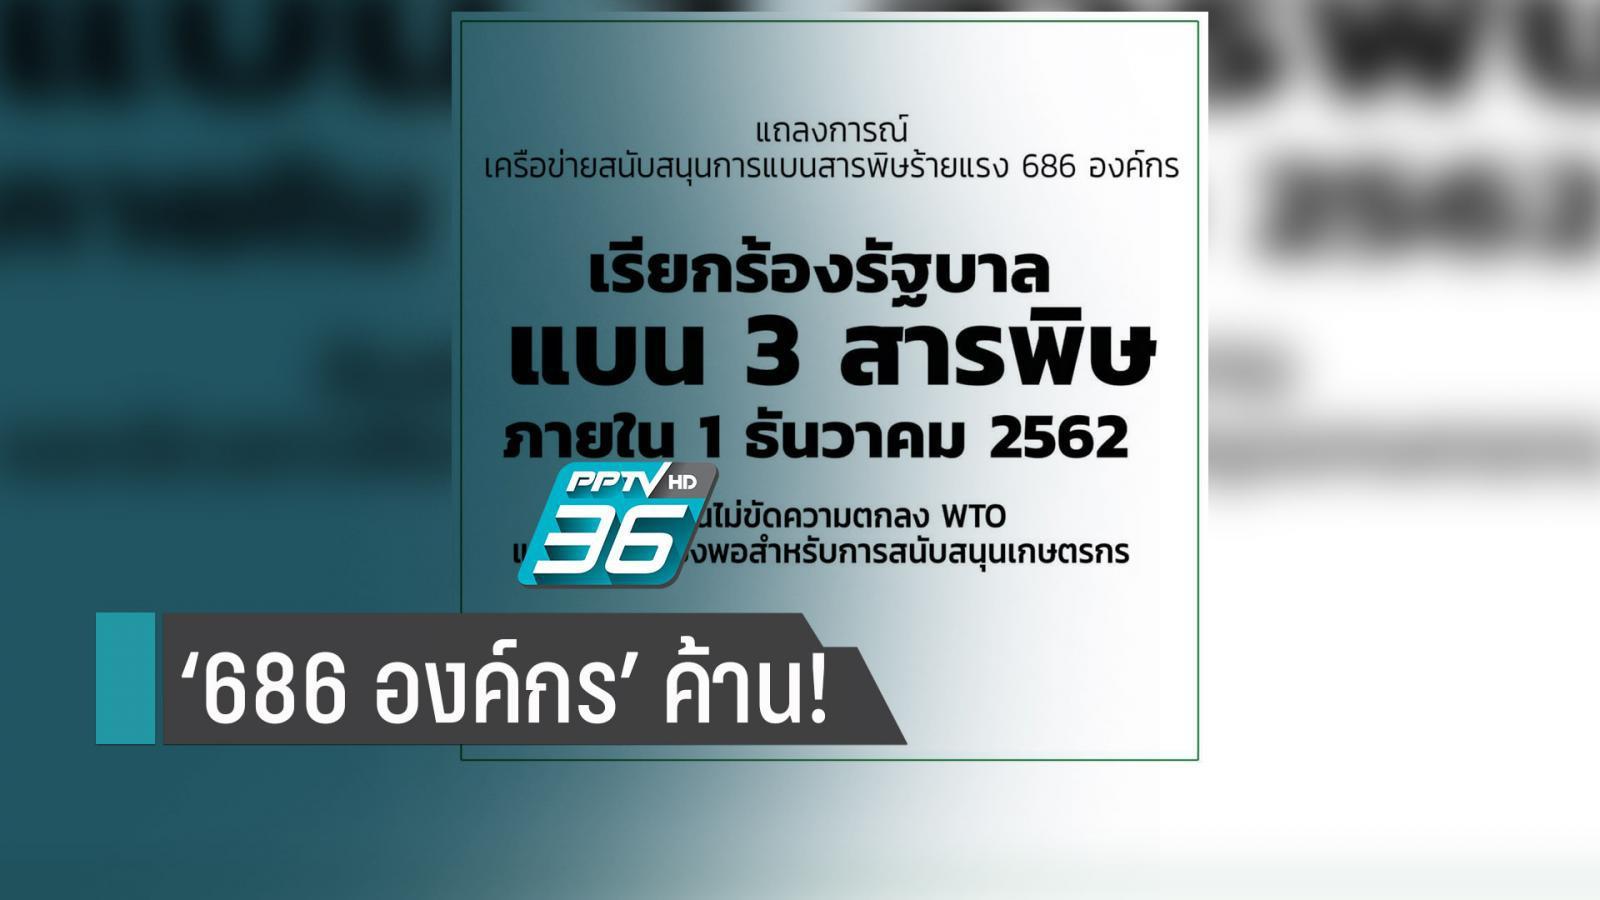 'เครือข่าย 686 องค์กร' ค้านเลื่อนแบน 3 สารเคมีเกษตรฯ